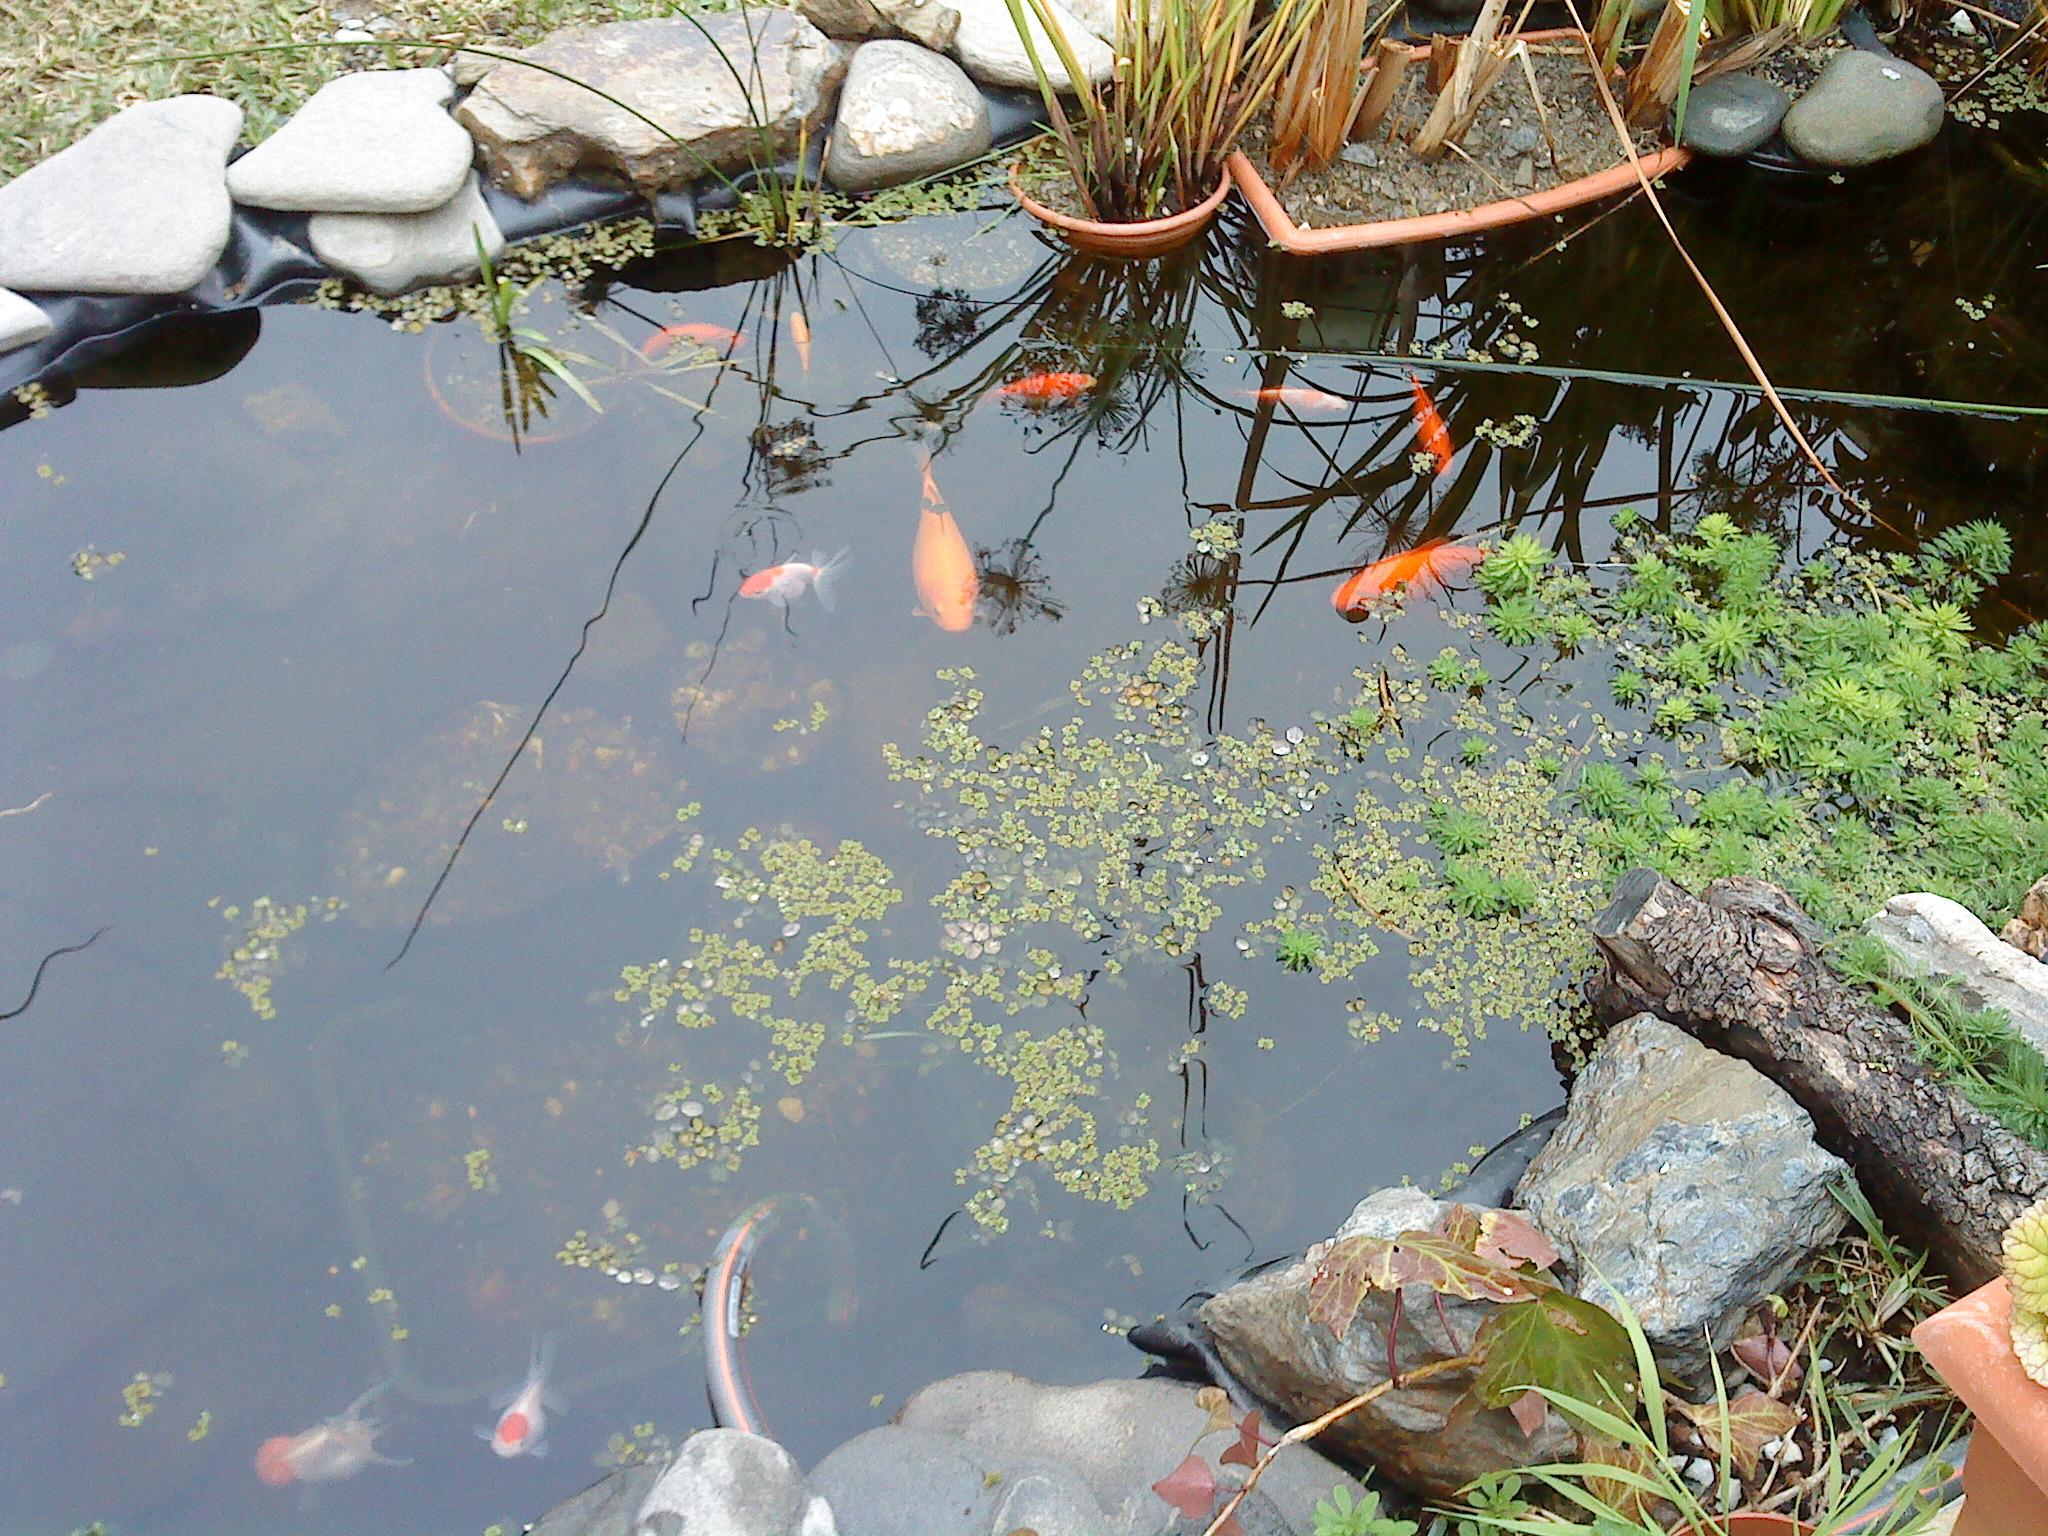 vista completa del estanque al fondo est la mini cascada y al principio la zona hmeda del estanque donde hay lirios plantas carnivoras